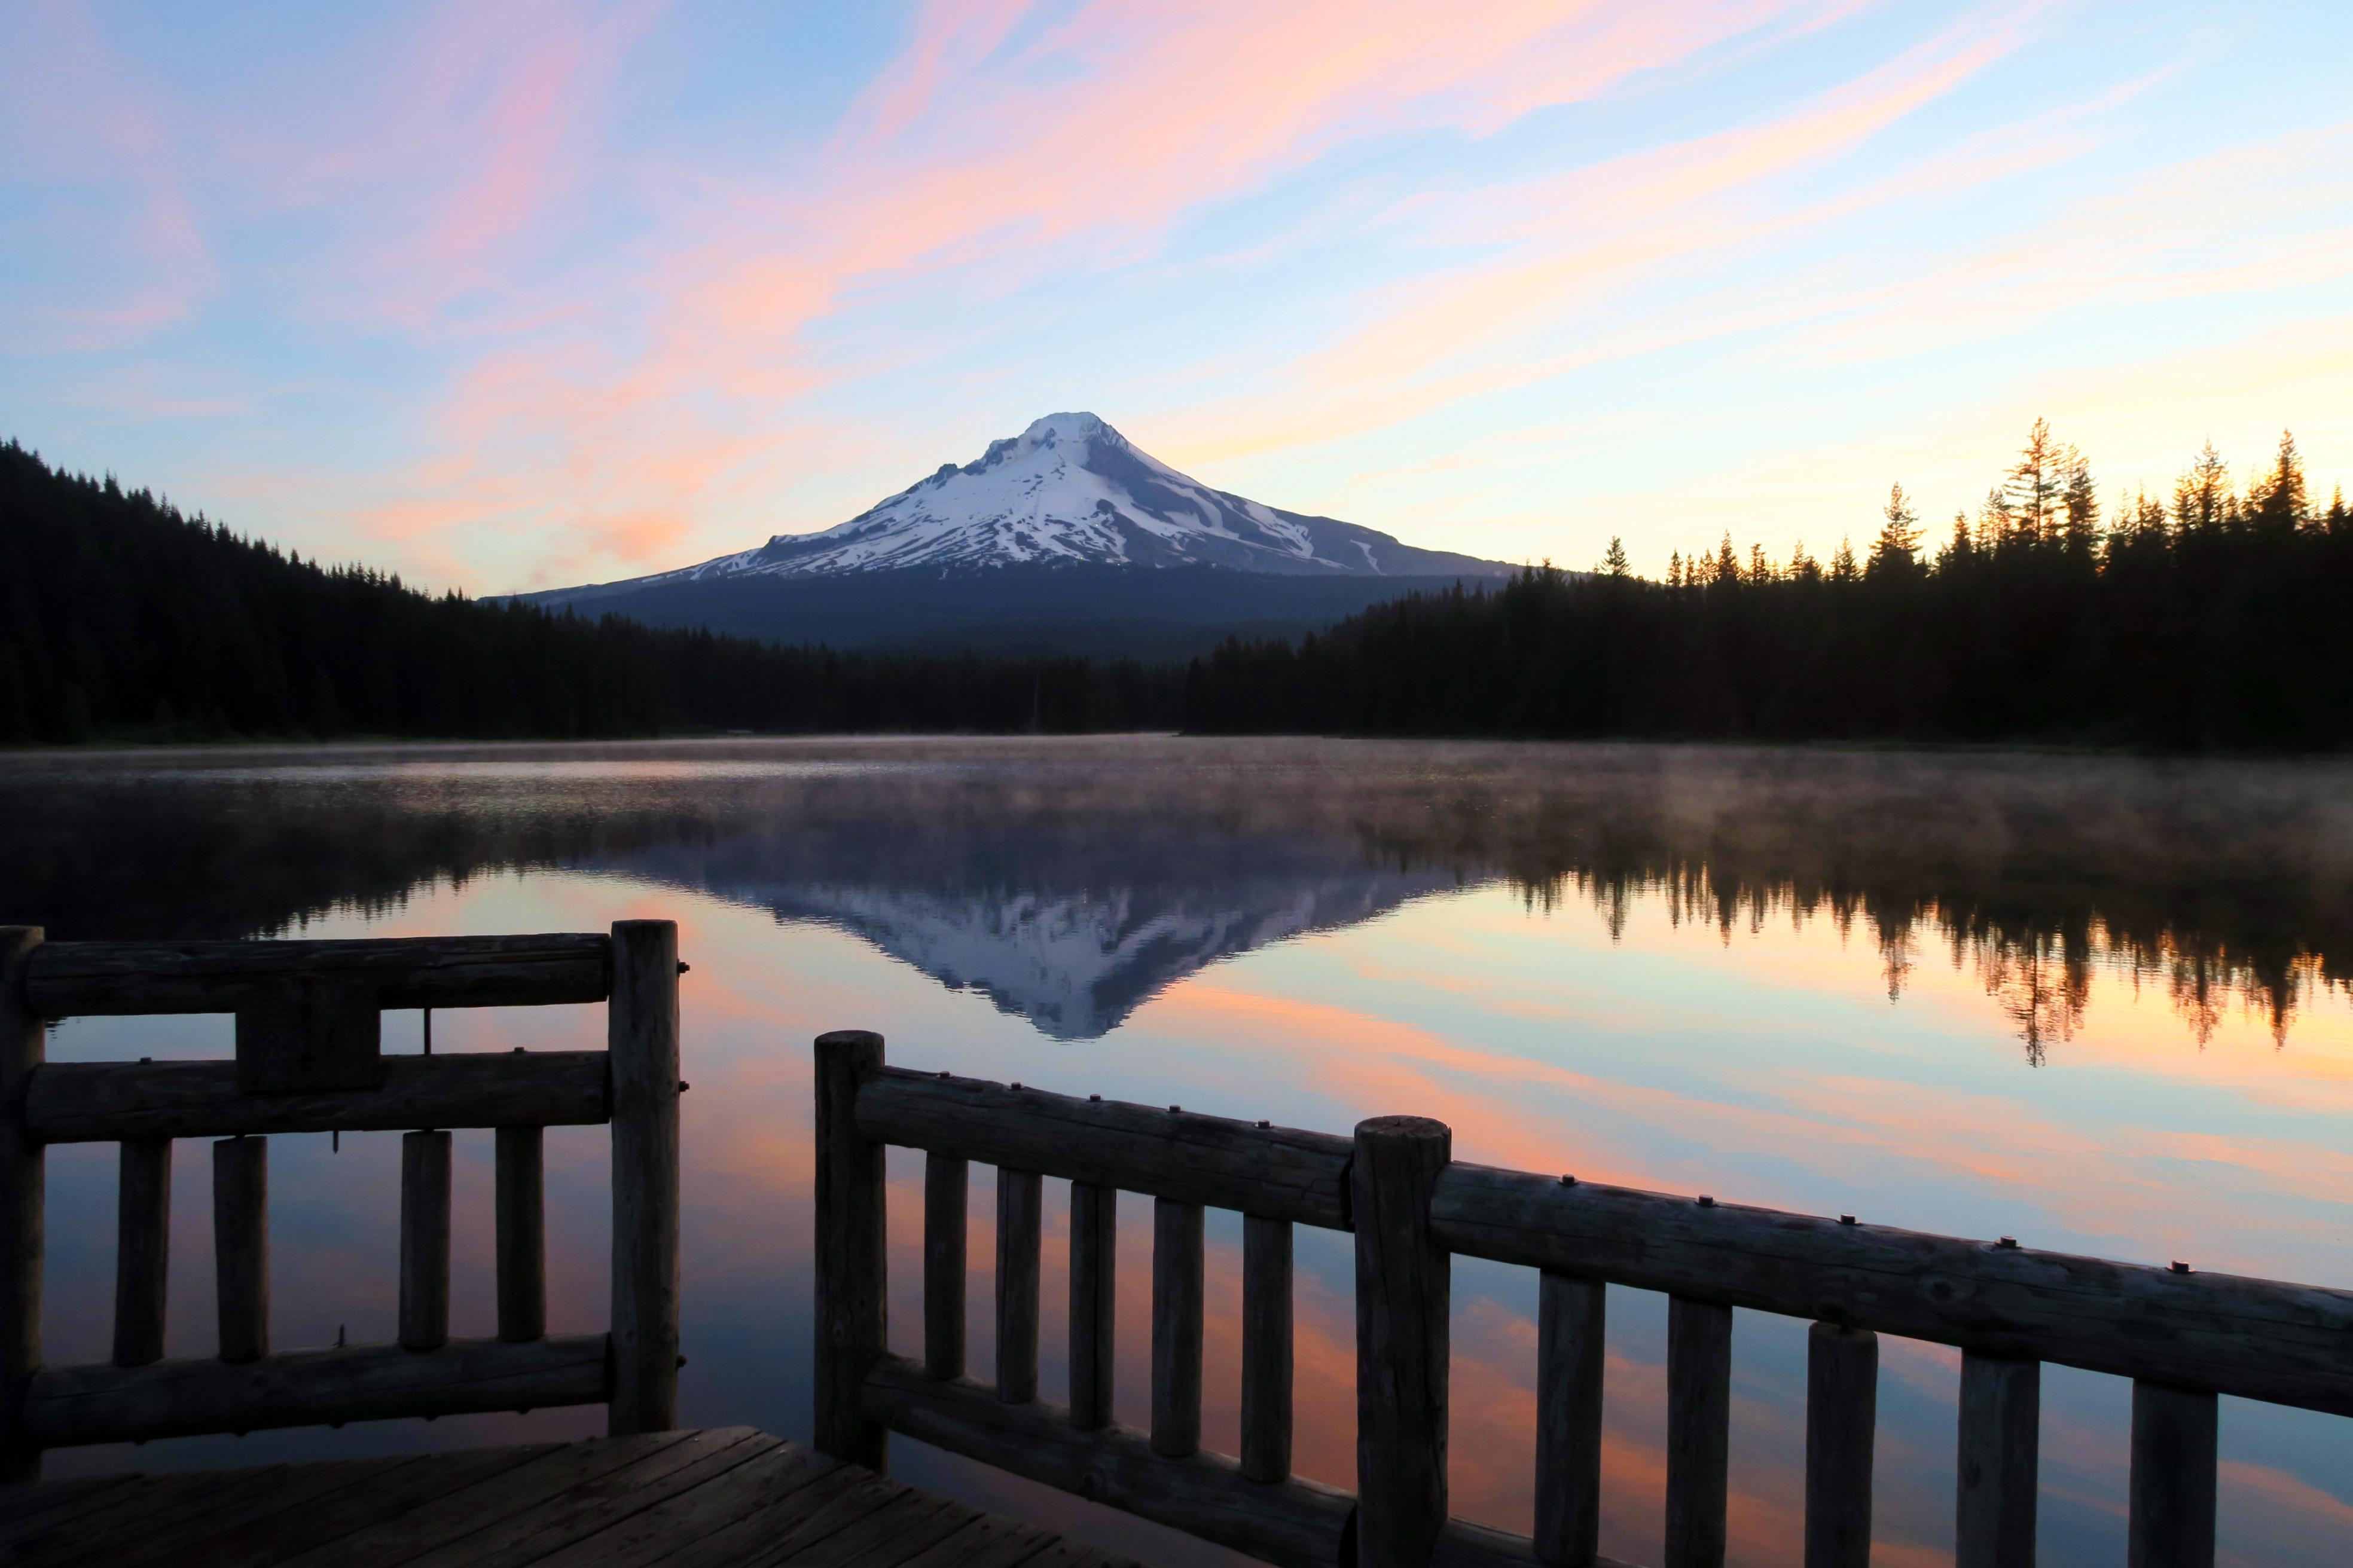 5 Best Summer Activities To Do in Mt Hood Territory